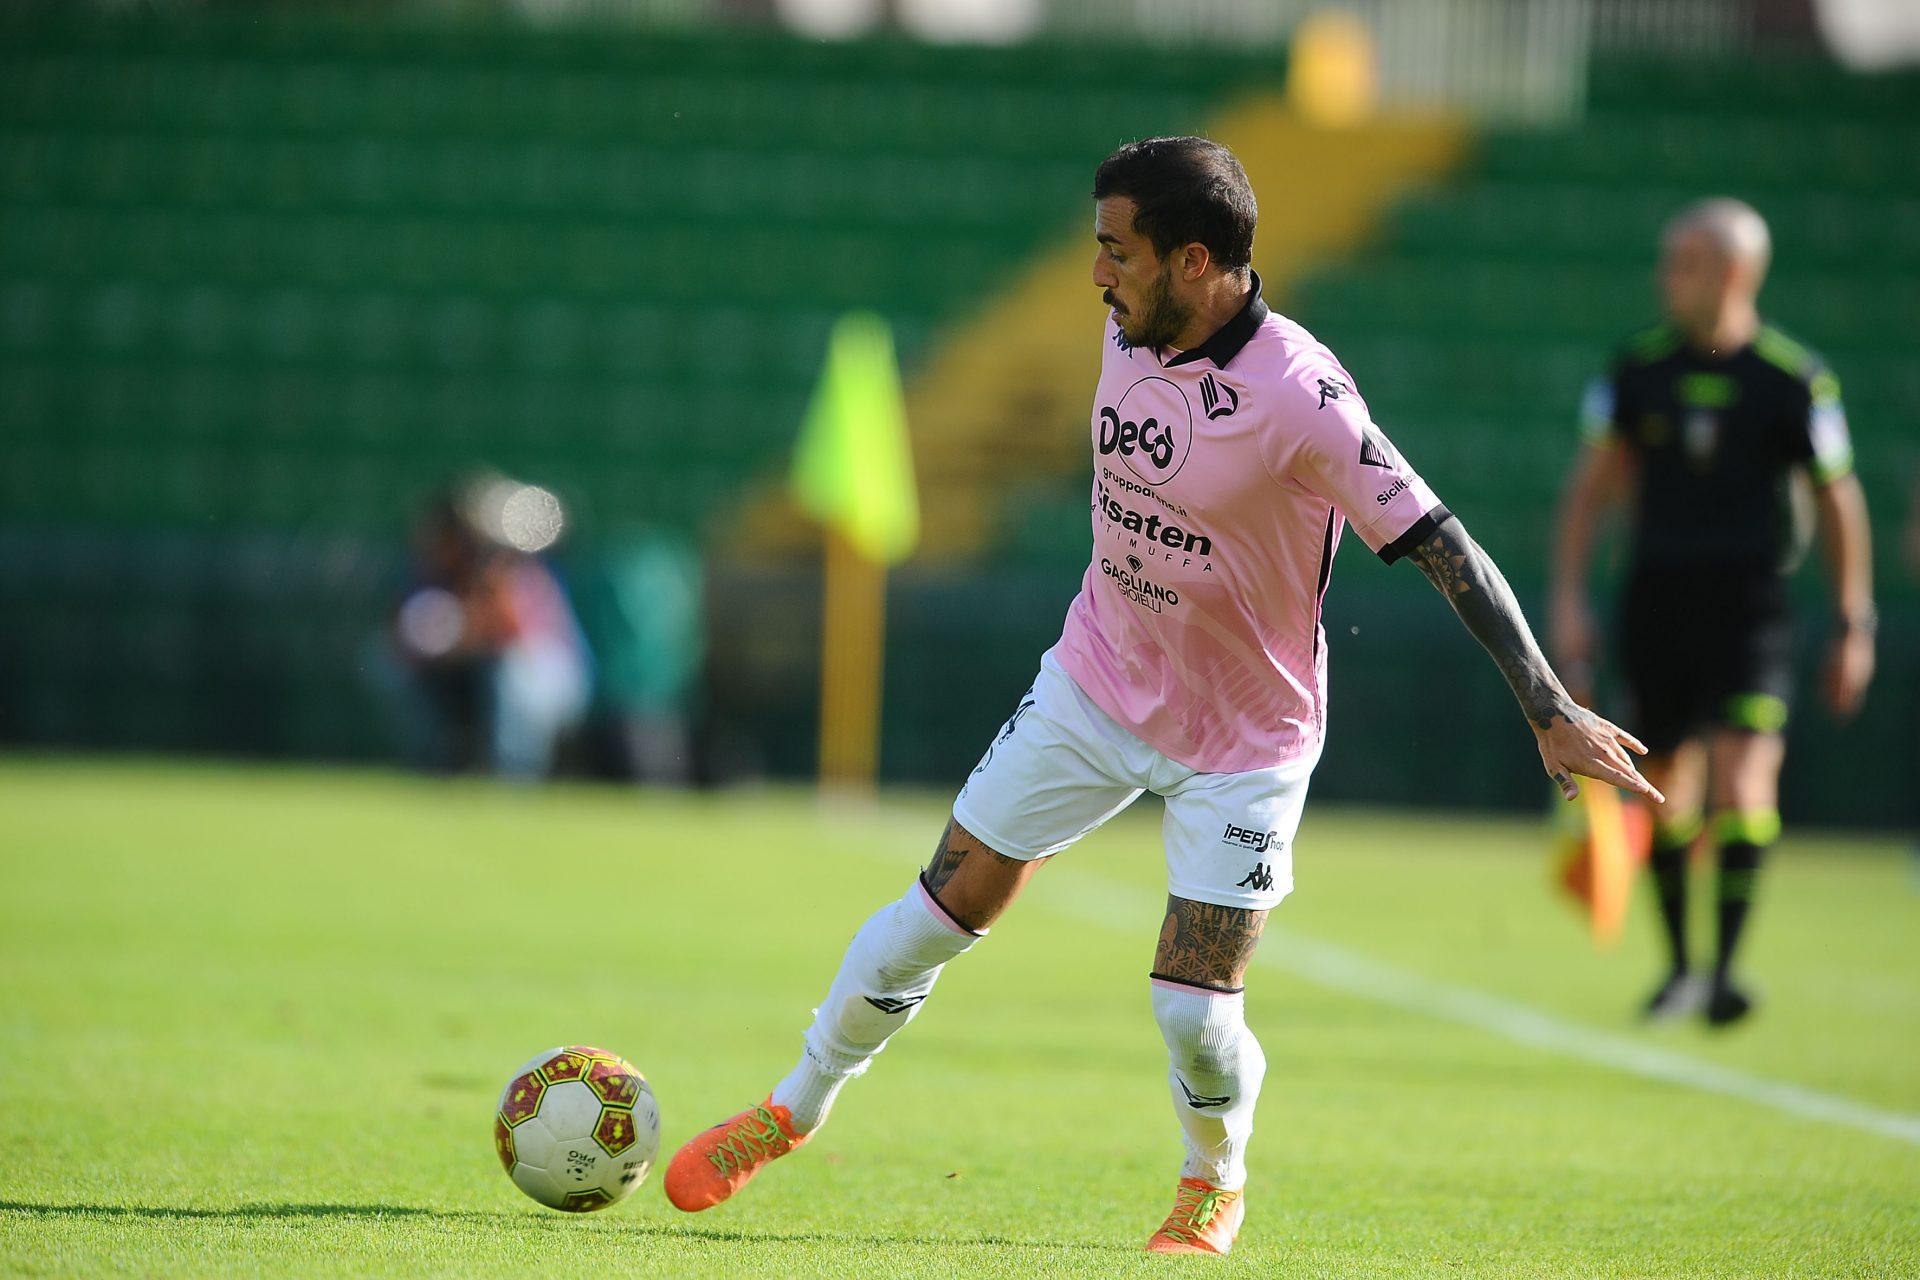 Il Palermo vince il recupero contro il Foggia: decide un gol di Valente